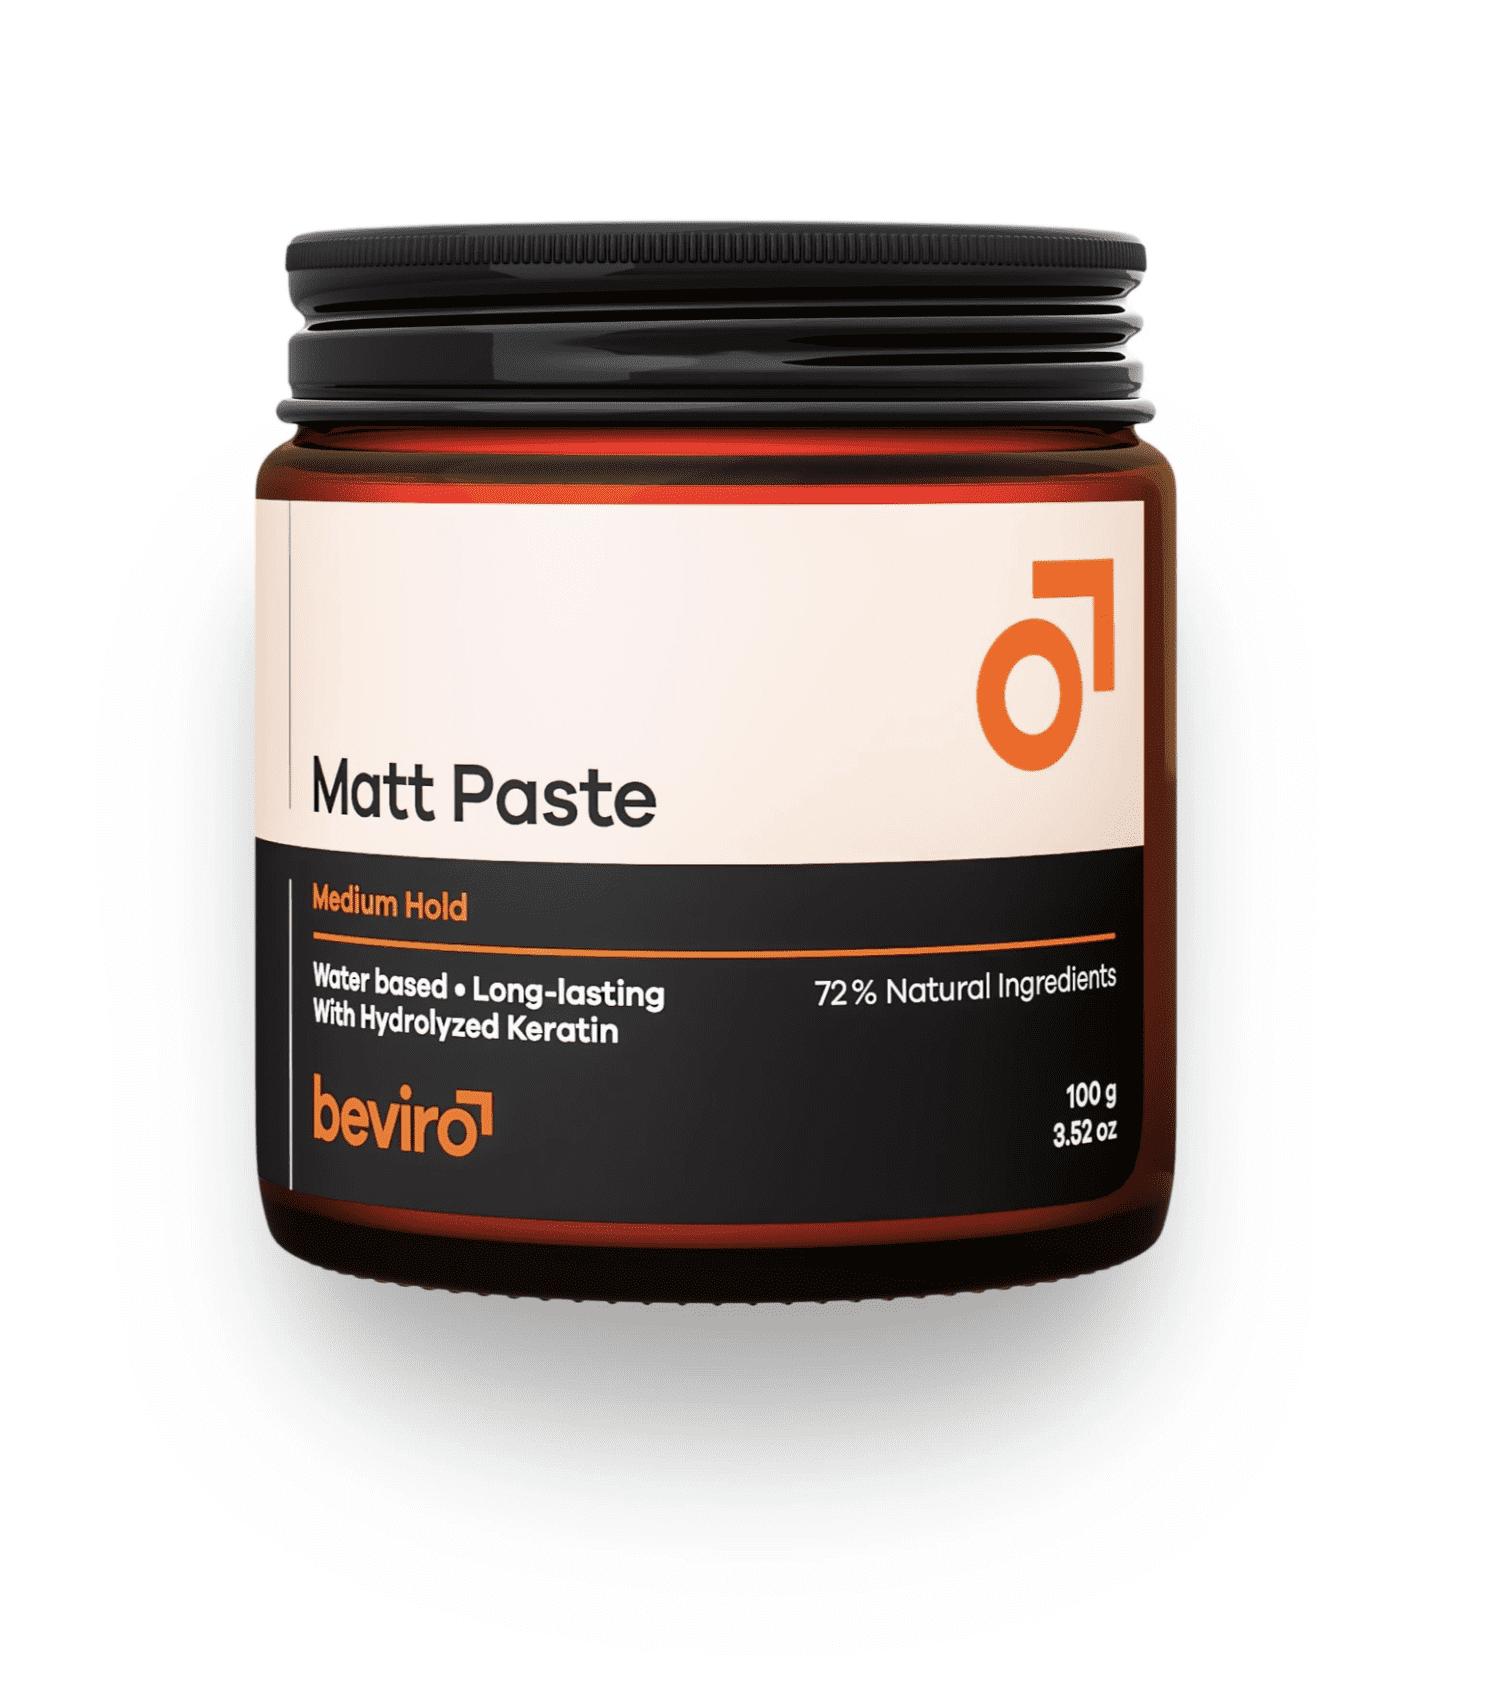 Be-Viro Matt Paste Medium Hold - matná pasta na bázi vody se střední fixací, 100g